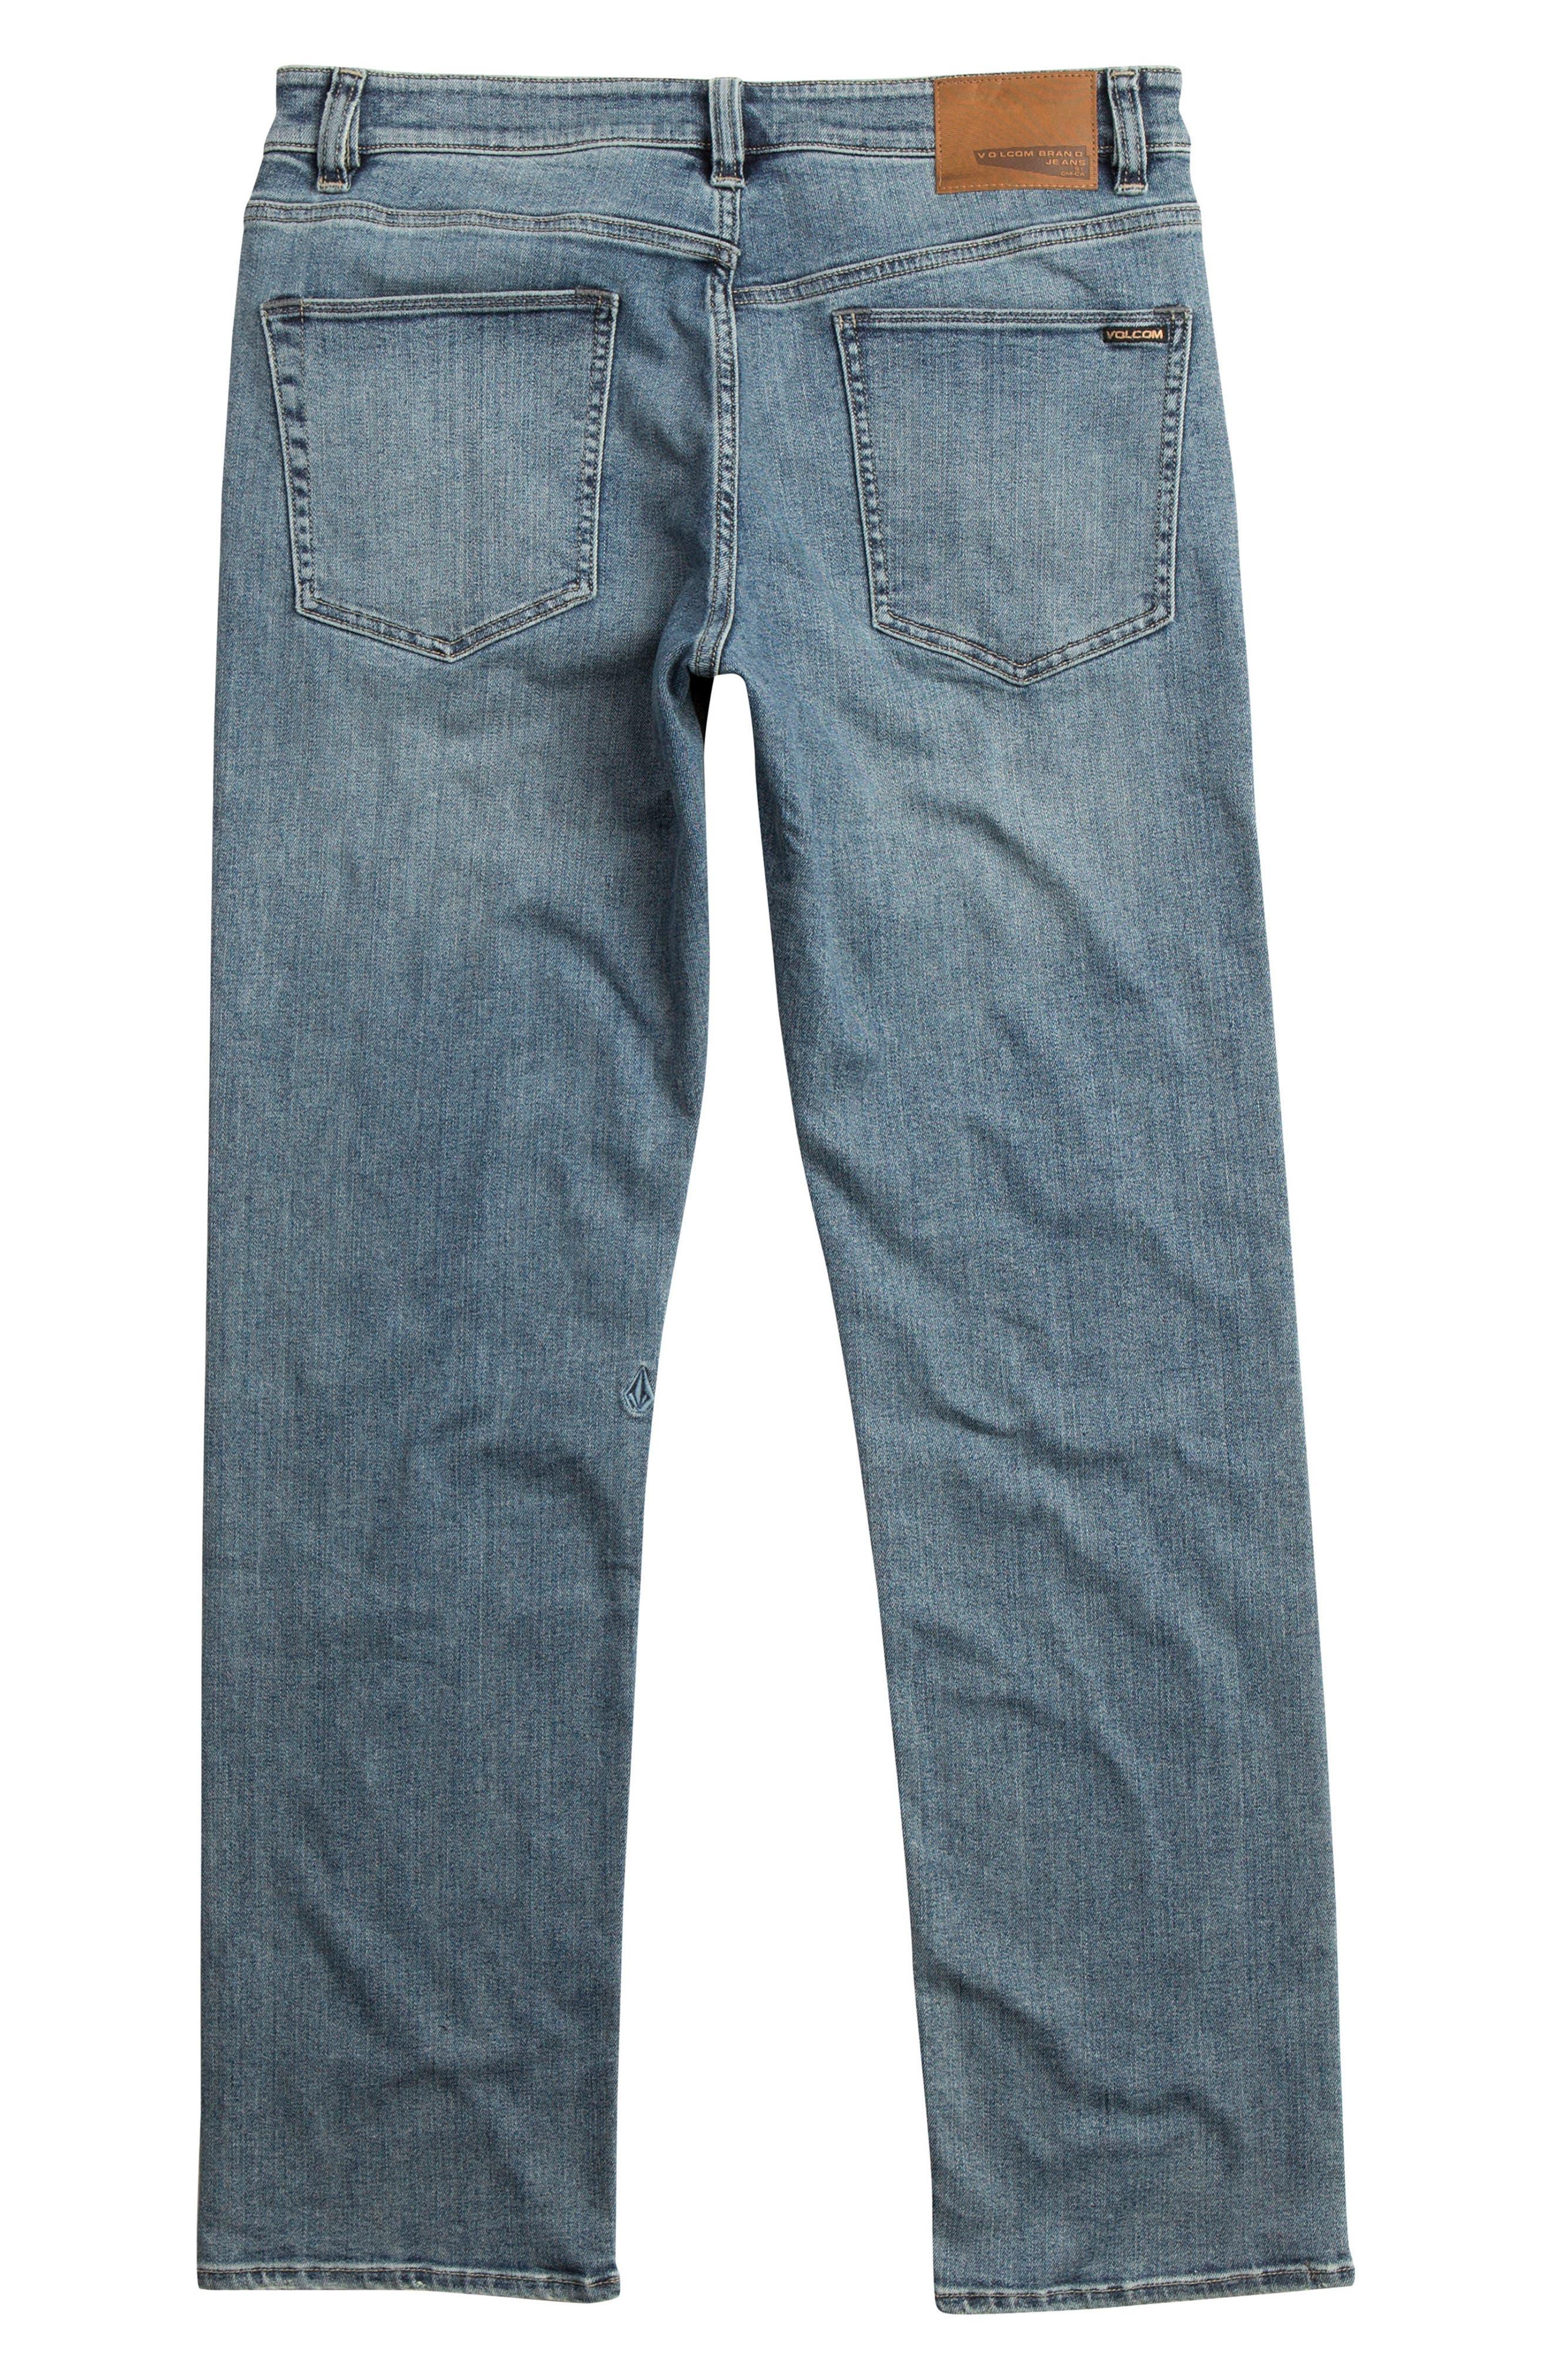 Solver Denim Pants,                             Alternate thumbnail 21, color,